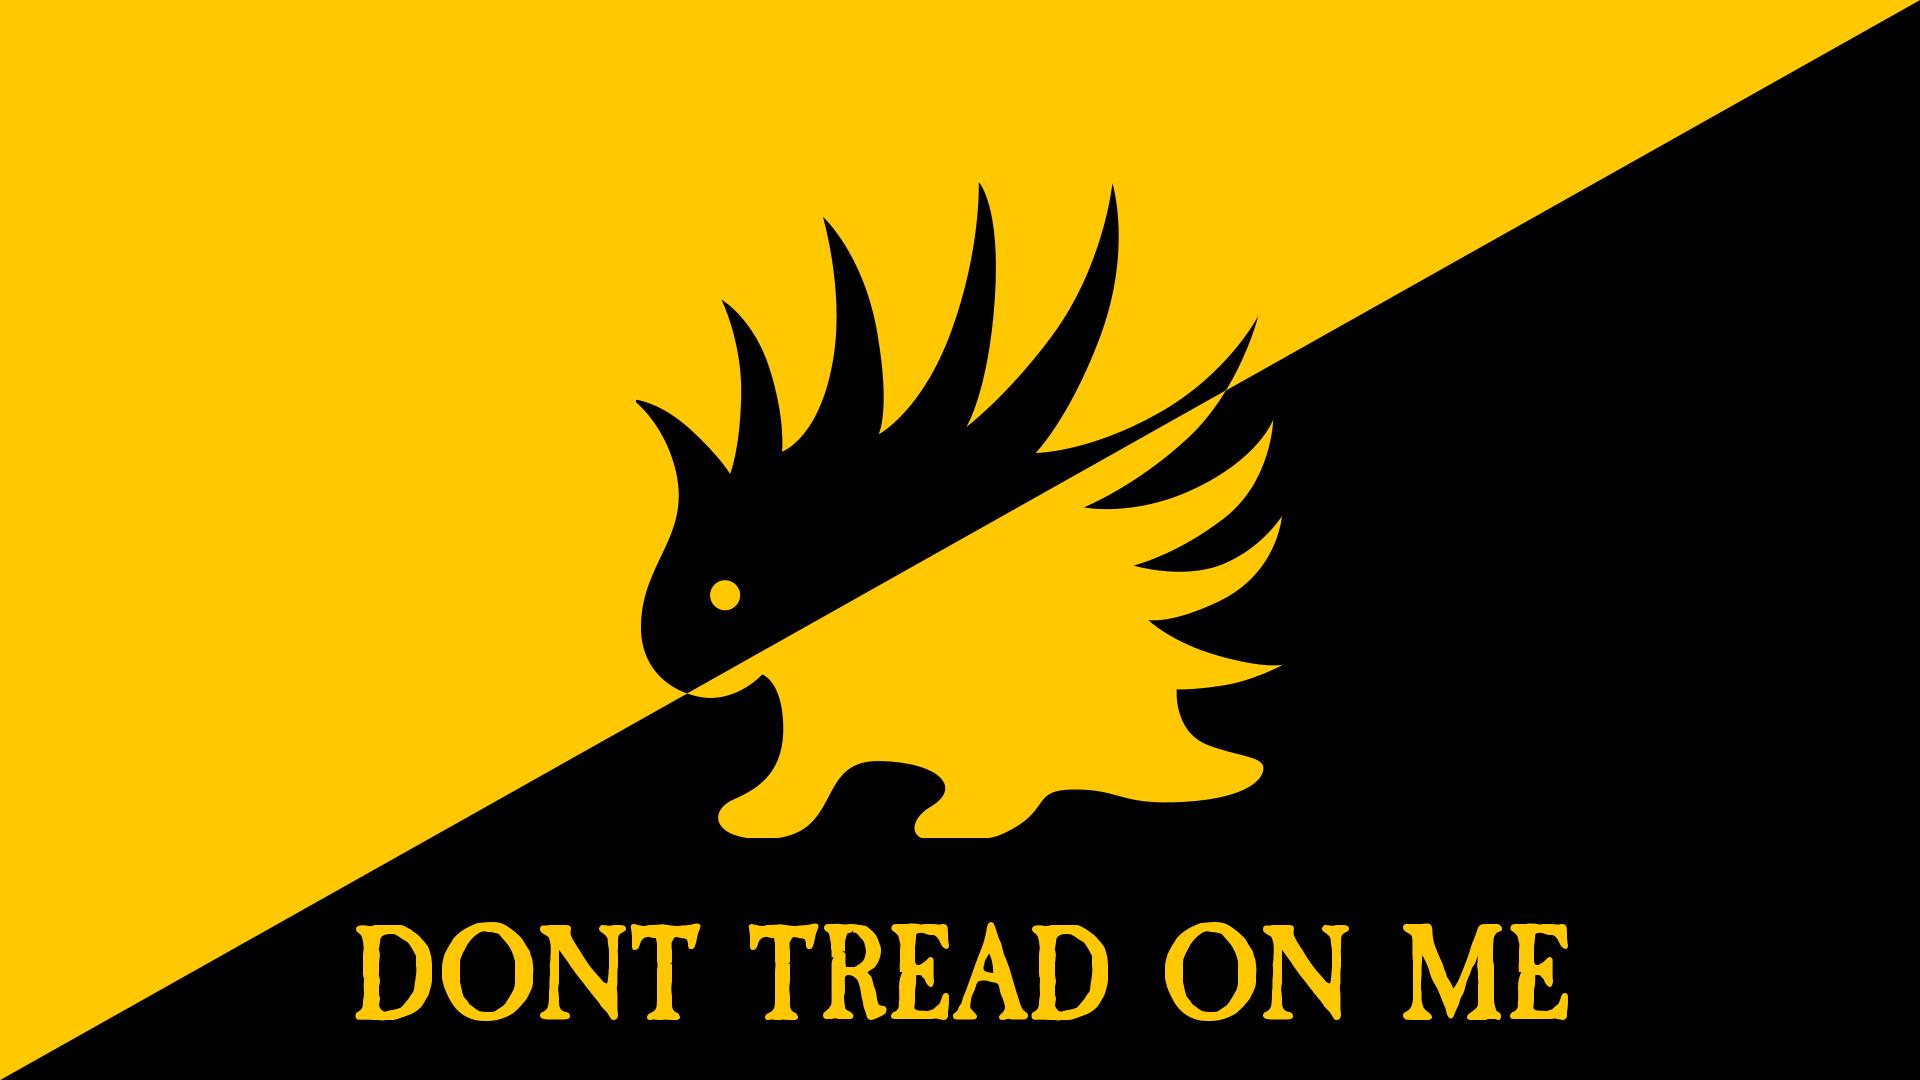 Wallpaper Libertarianism Anarchism Gadsden Flag Ancap